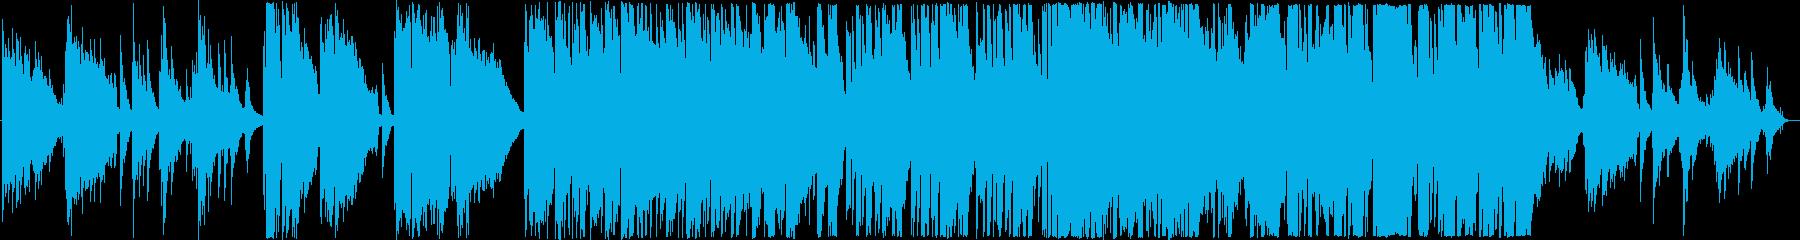 海辺で聴くギターとピアノのバラード曲の再生済みの波形